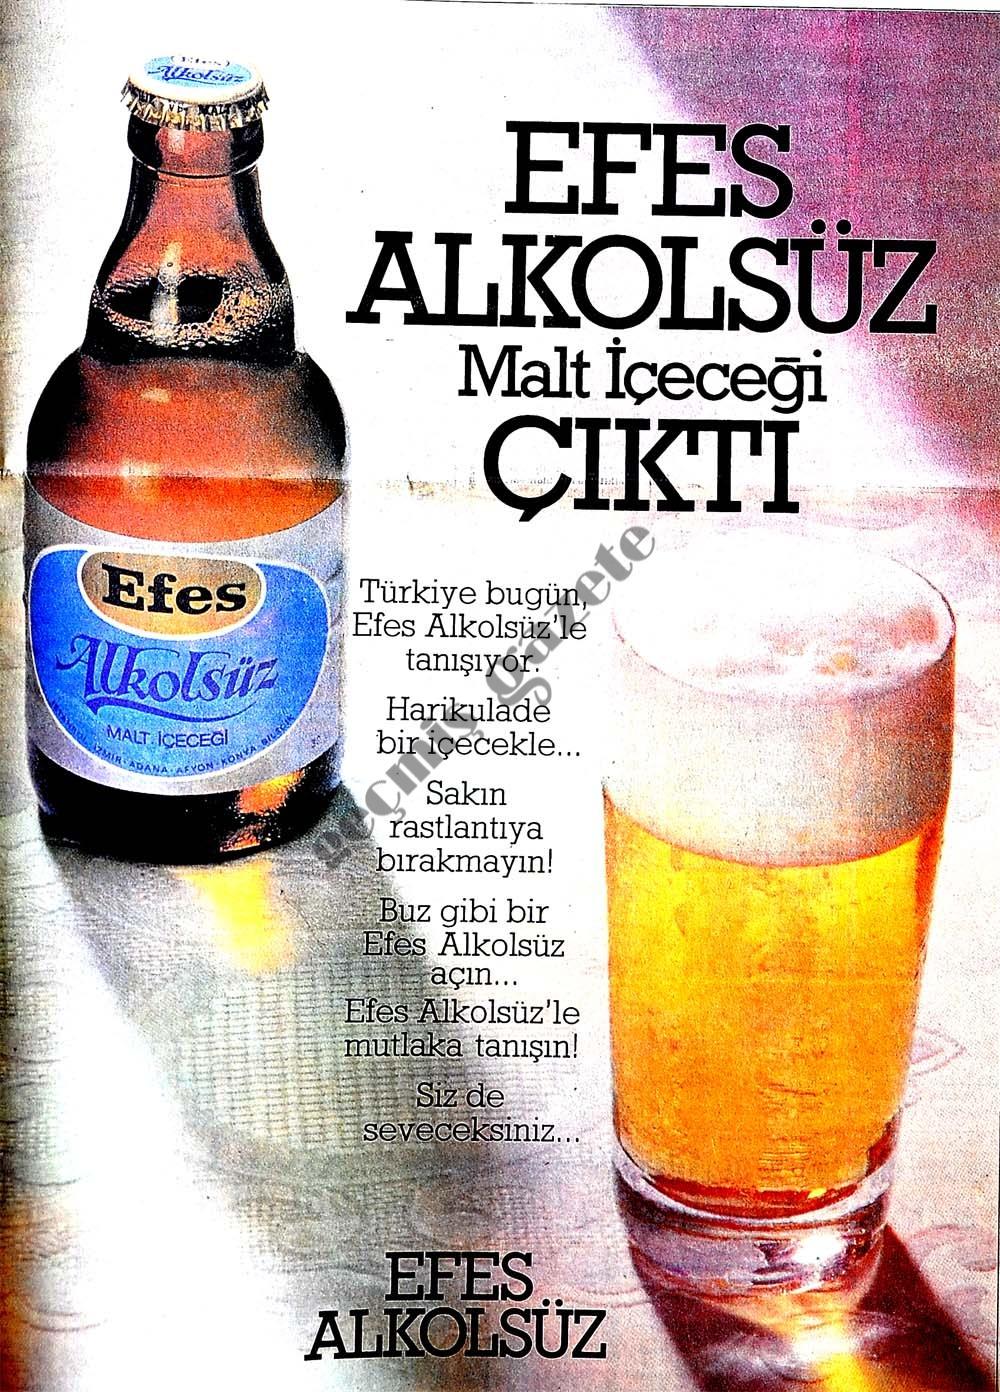 Efes alkolsüz malt içeceği çıktı